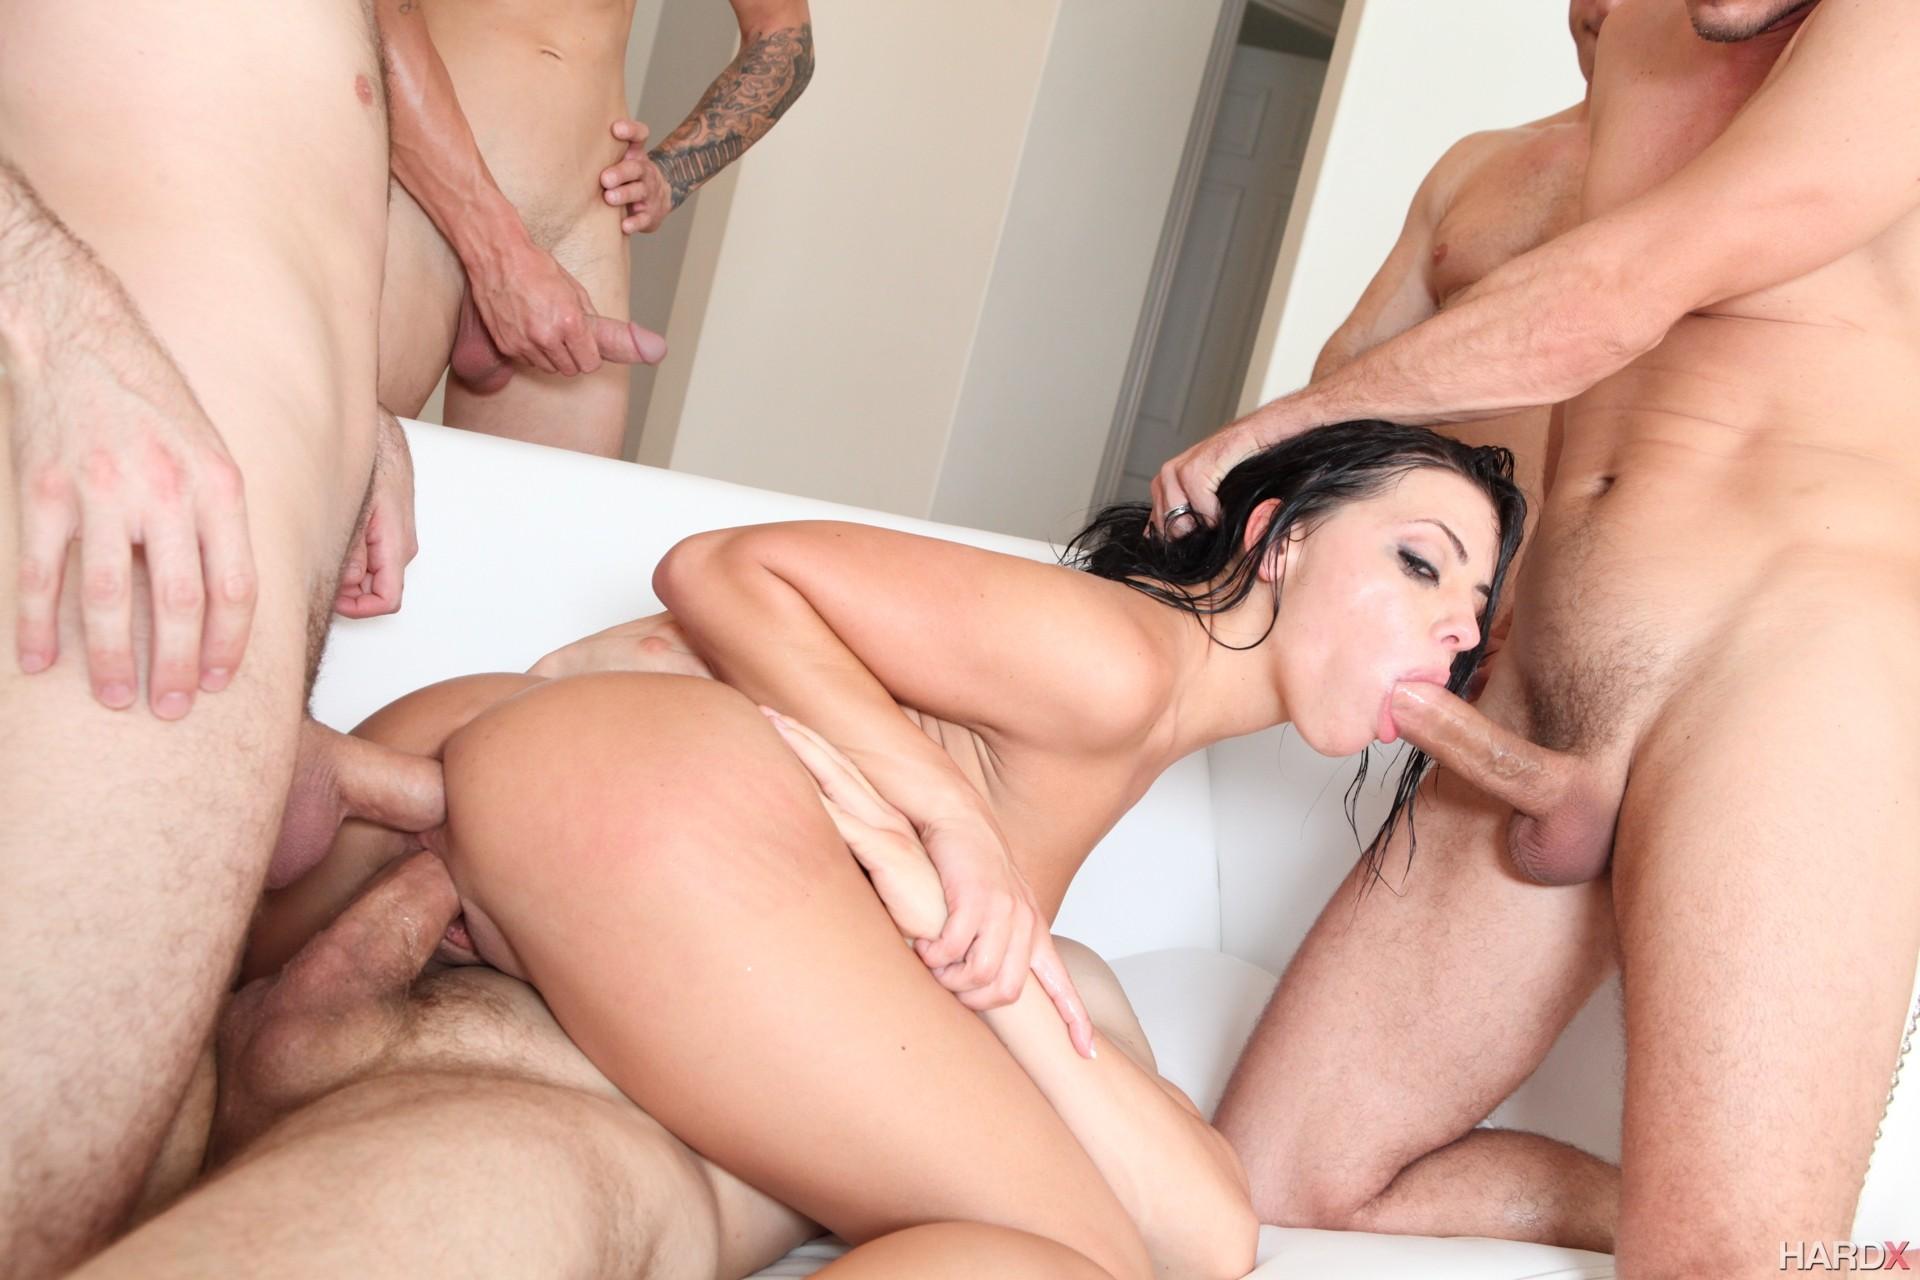 этого редко видео порно трое мужиков одновременно засунули сучке и трахали самой